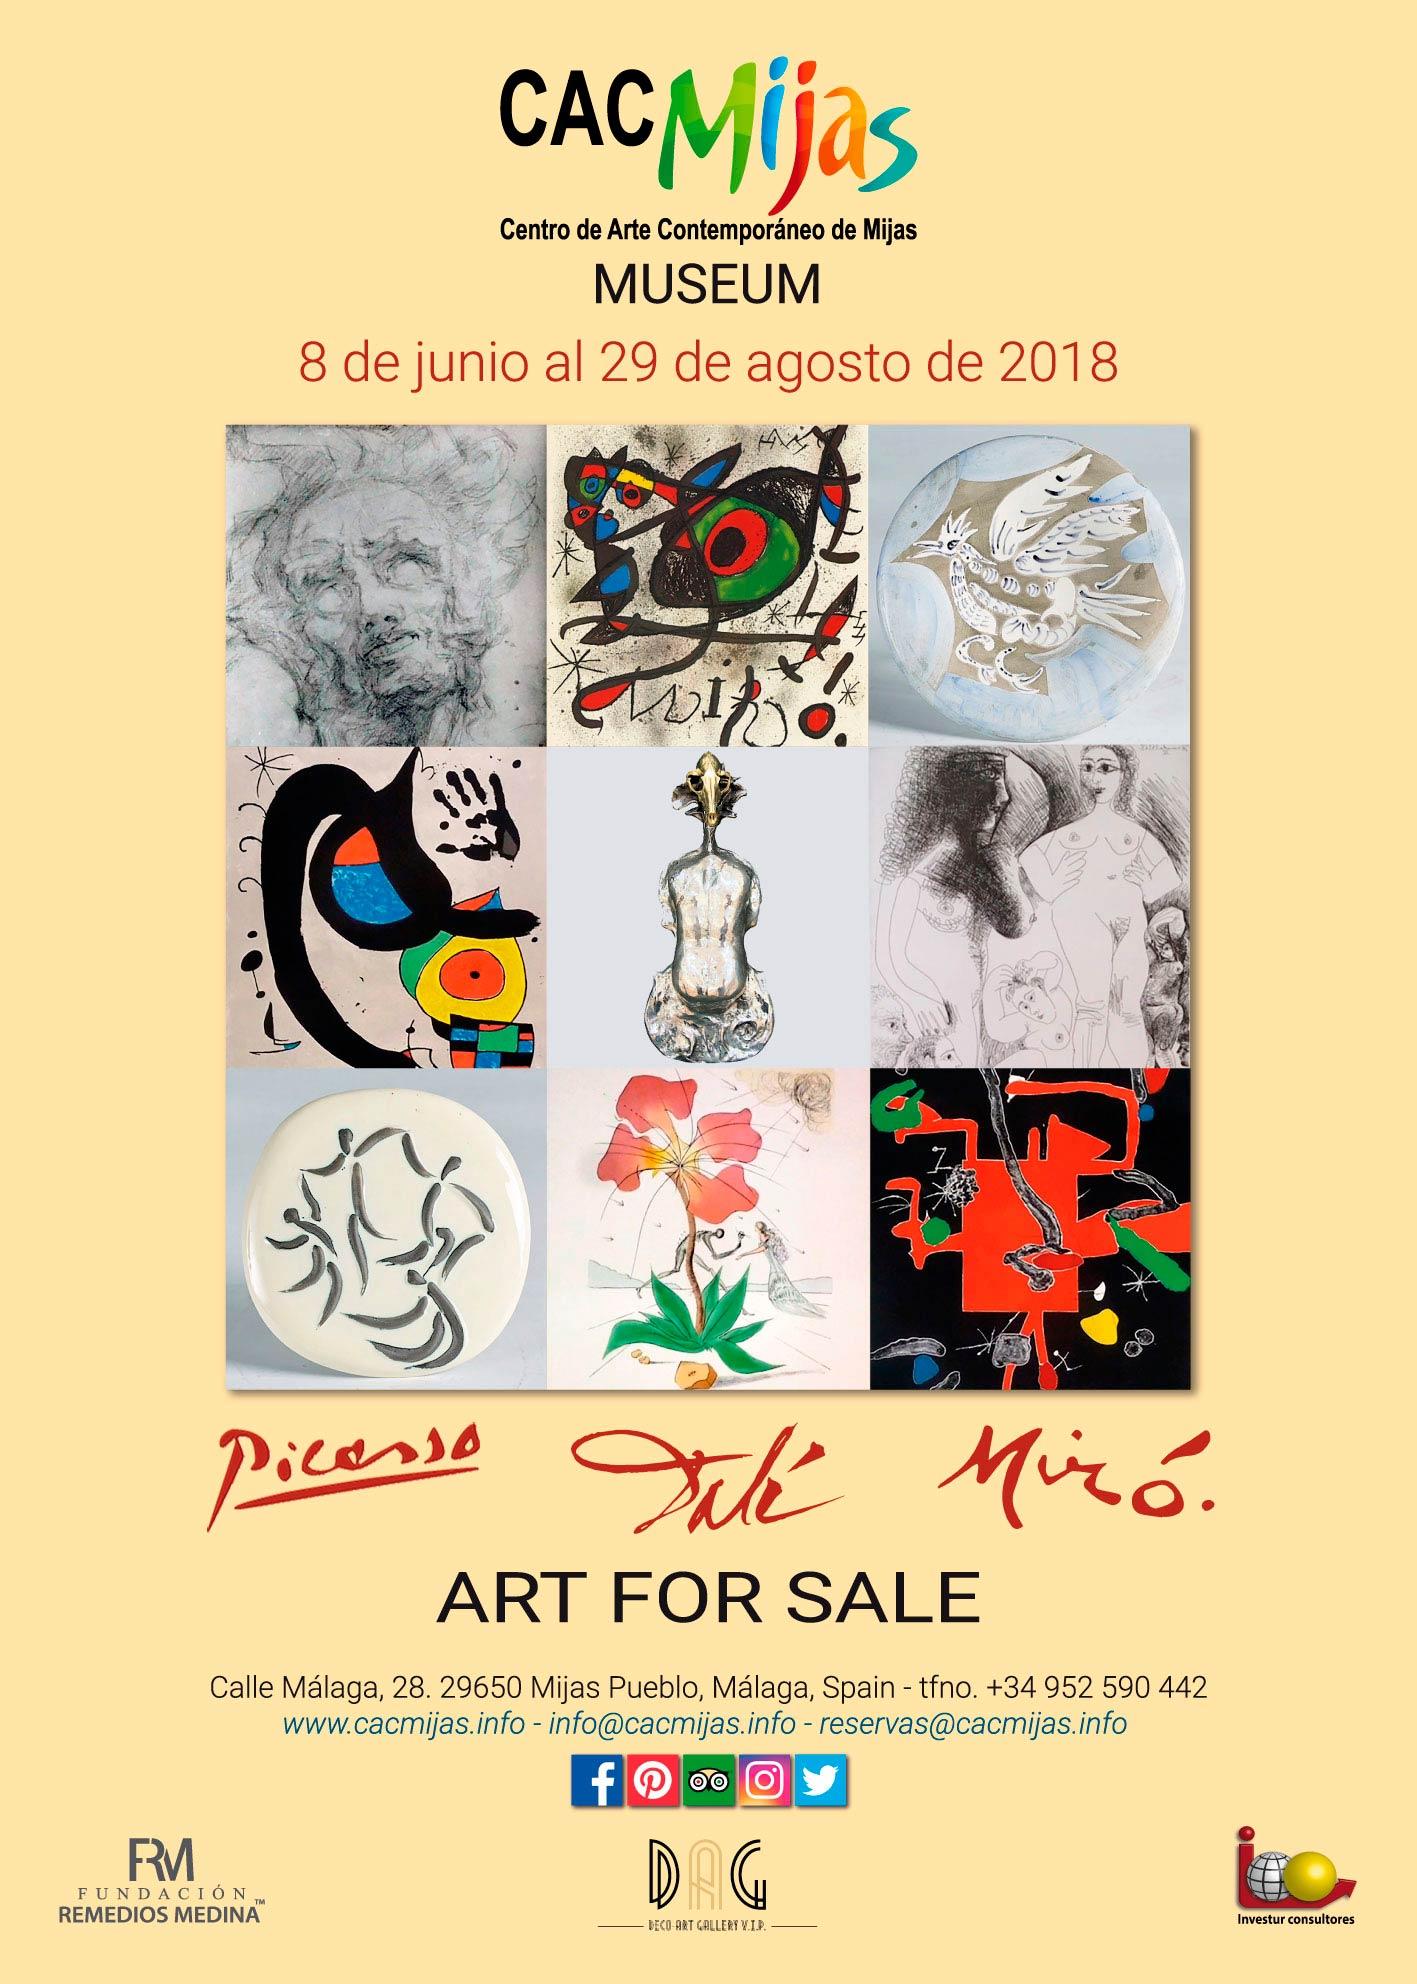 PICASSO, DALÍ, MIRÓ. ART FOR SALE